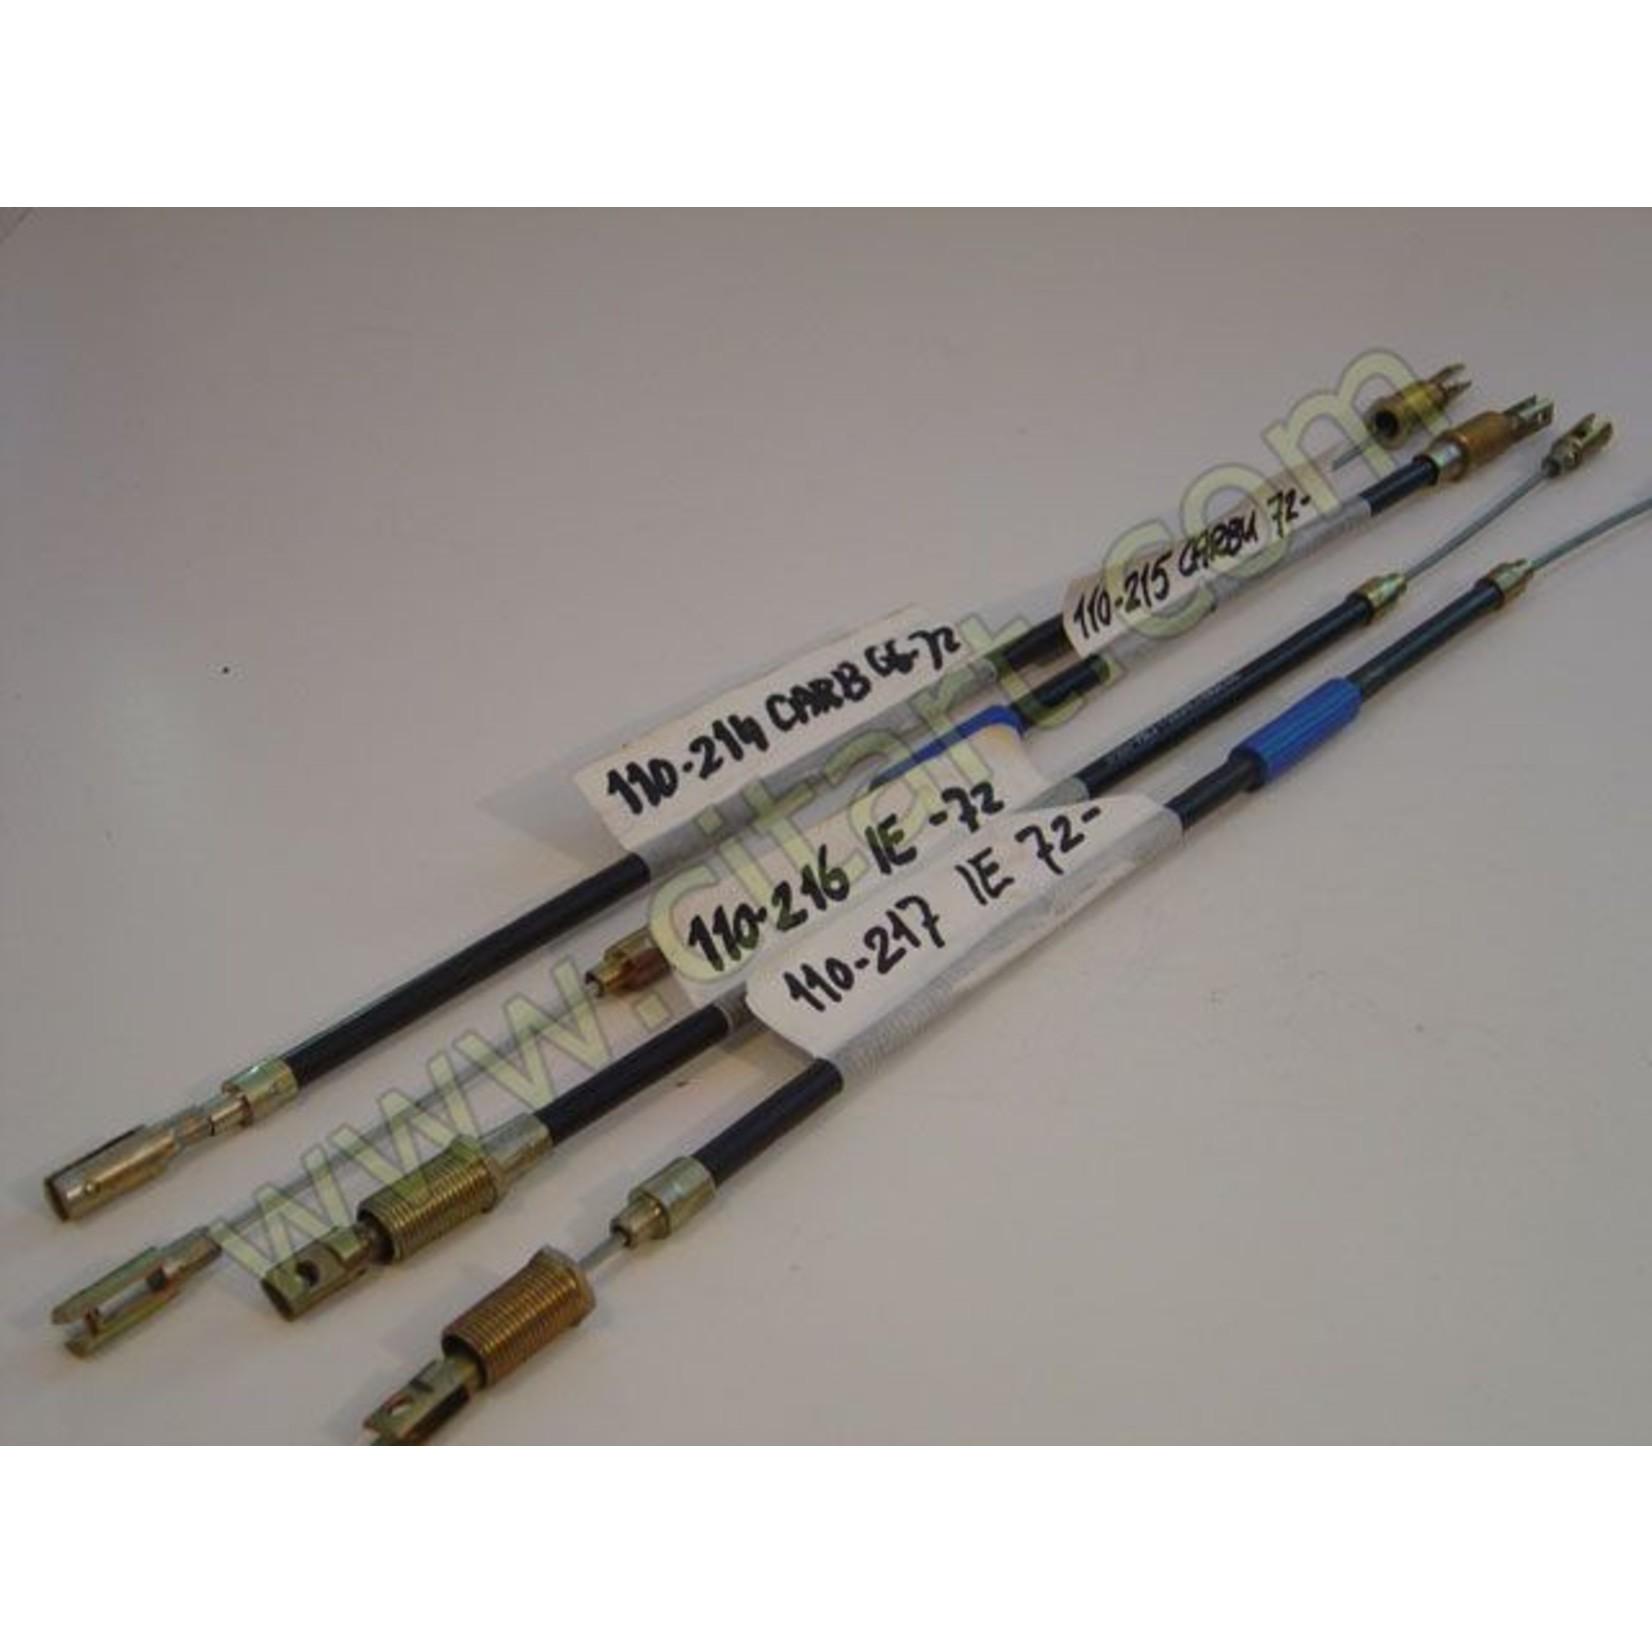 Cable de embrague 72- 30289 Nr Org: 5404244